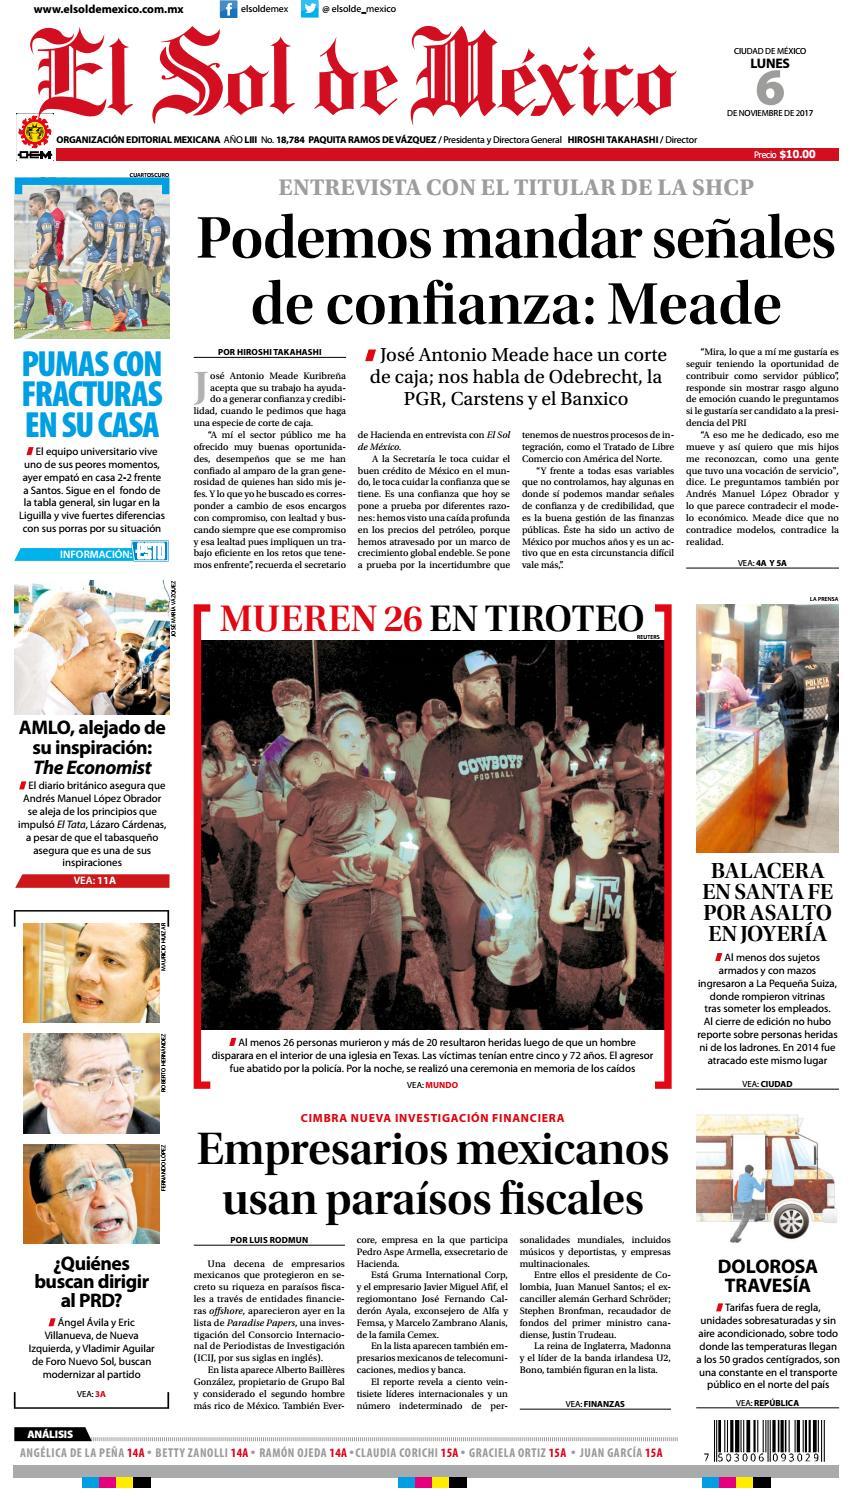 1c2e1fdda335 El Sol de México 6 de Noviembre by El Sol de México Online - issuu